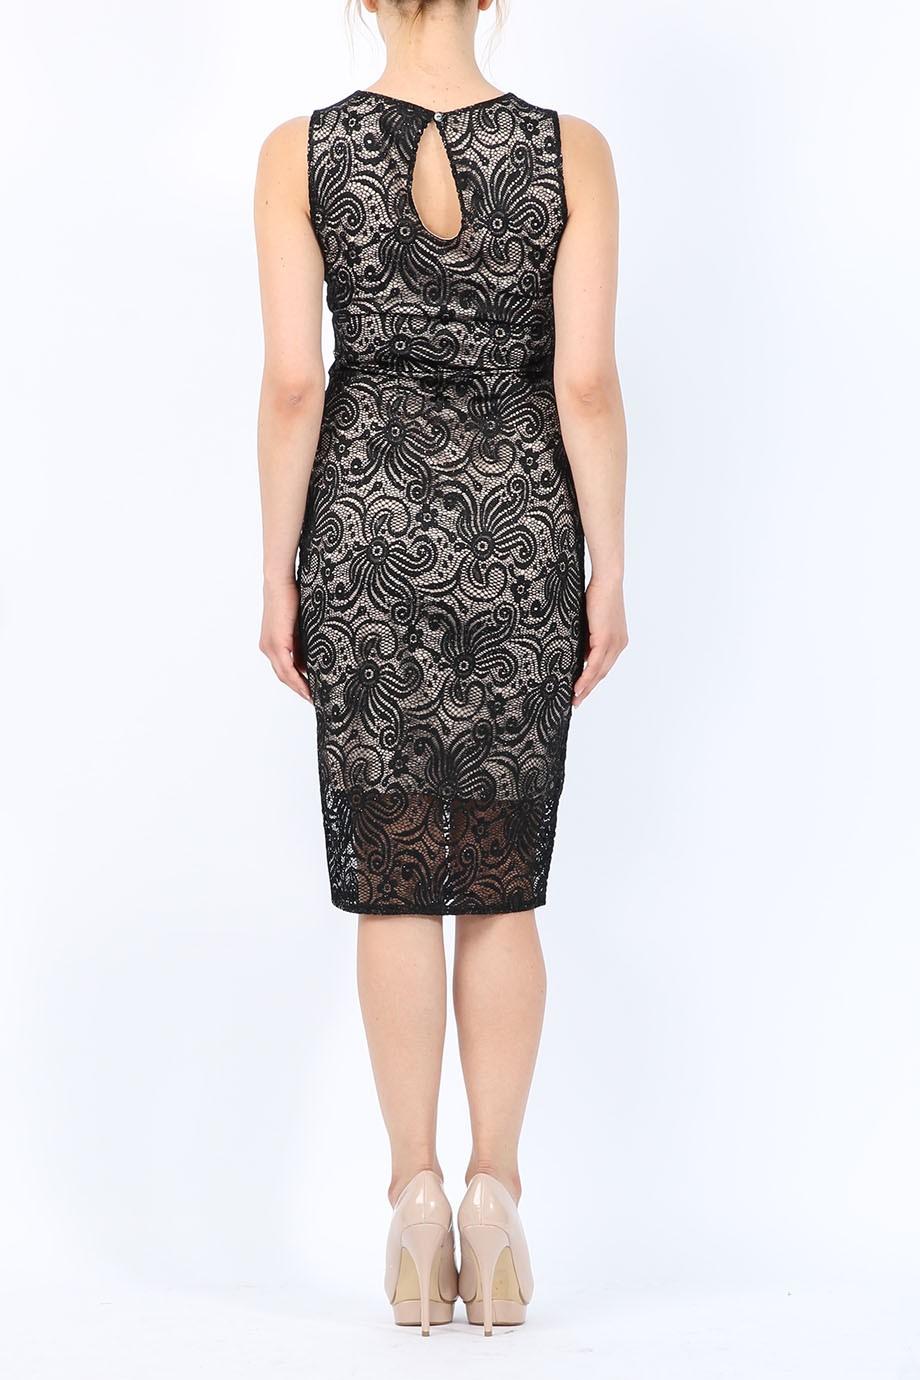 chic glitter V φόρεμα δαντέλα 0b458d13b2e